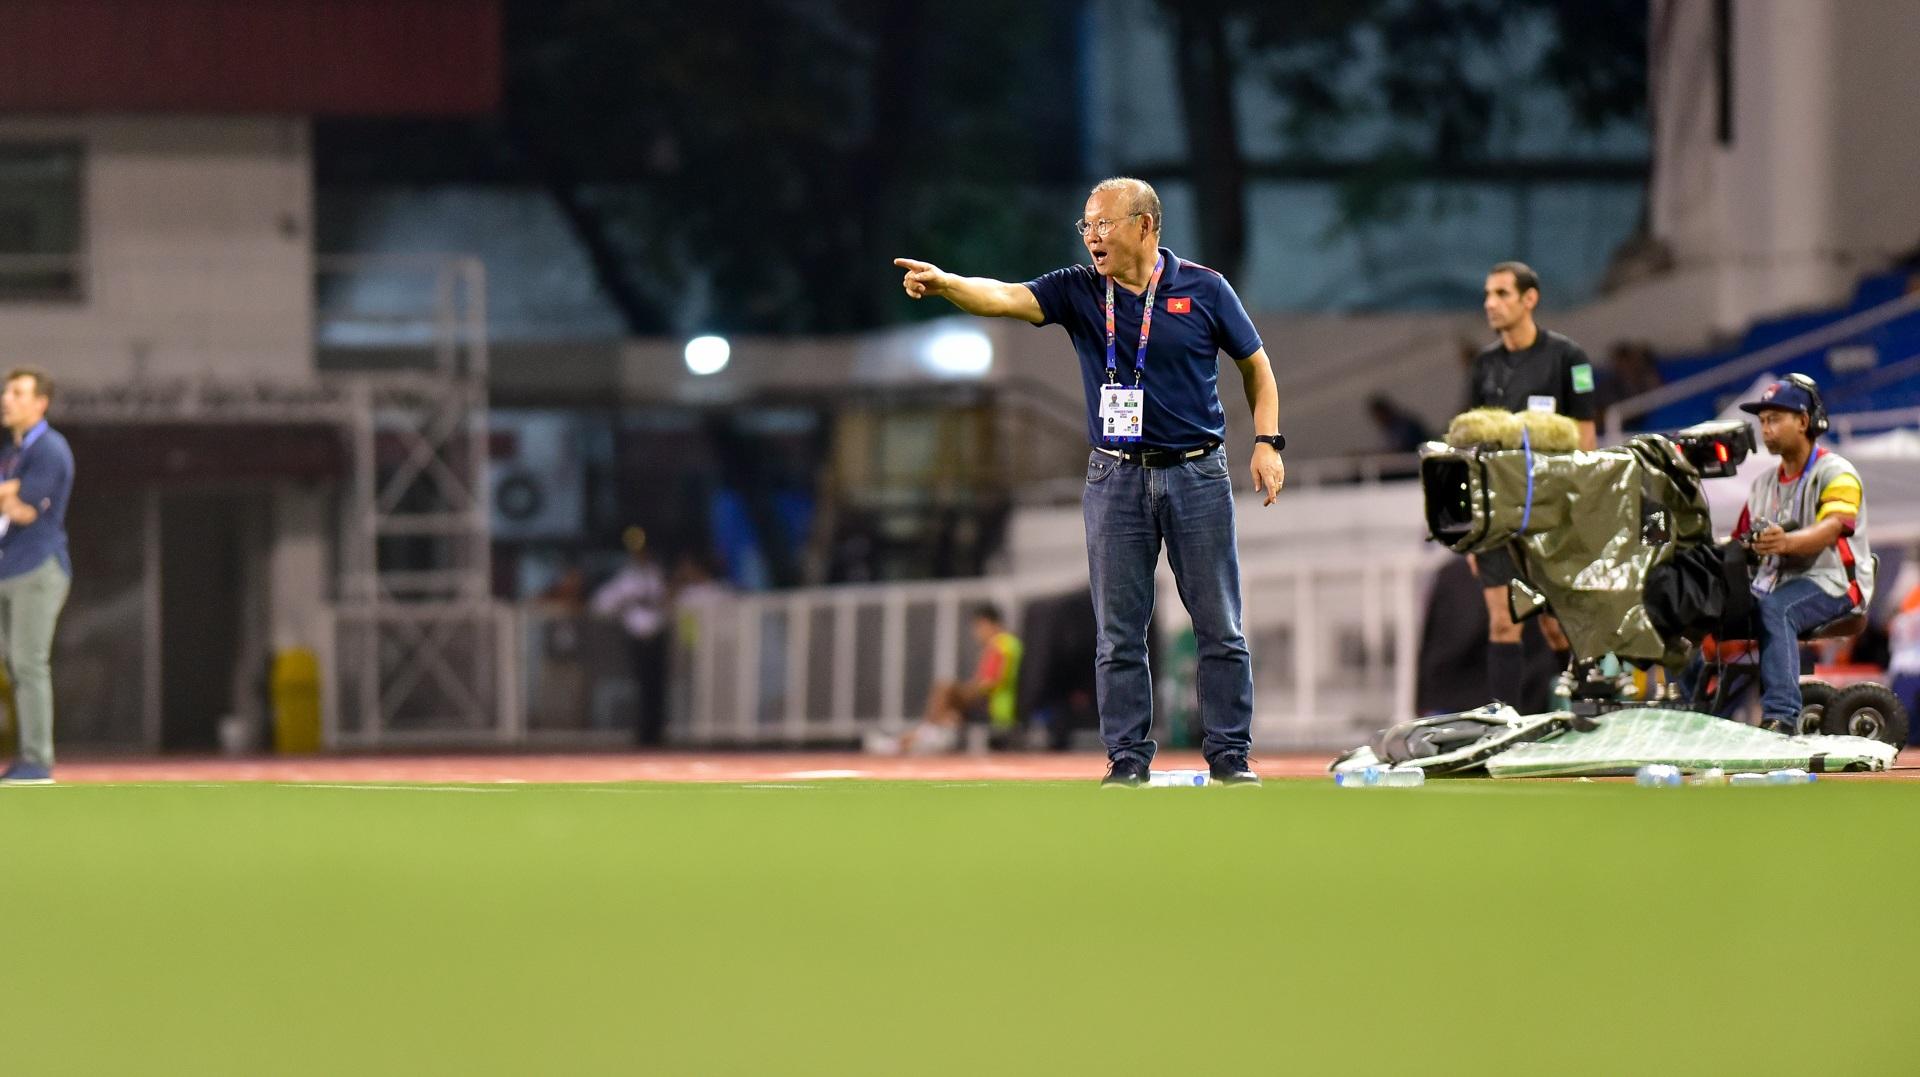 Những cảm xúc đặc biệt của HLV Park Hang Seo trong trận thắng U22 Campuchia - 21